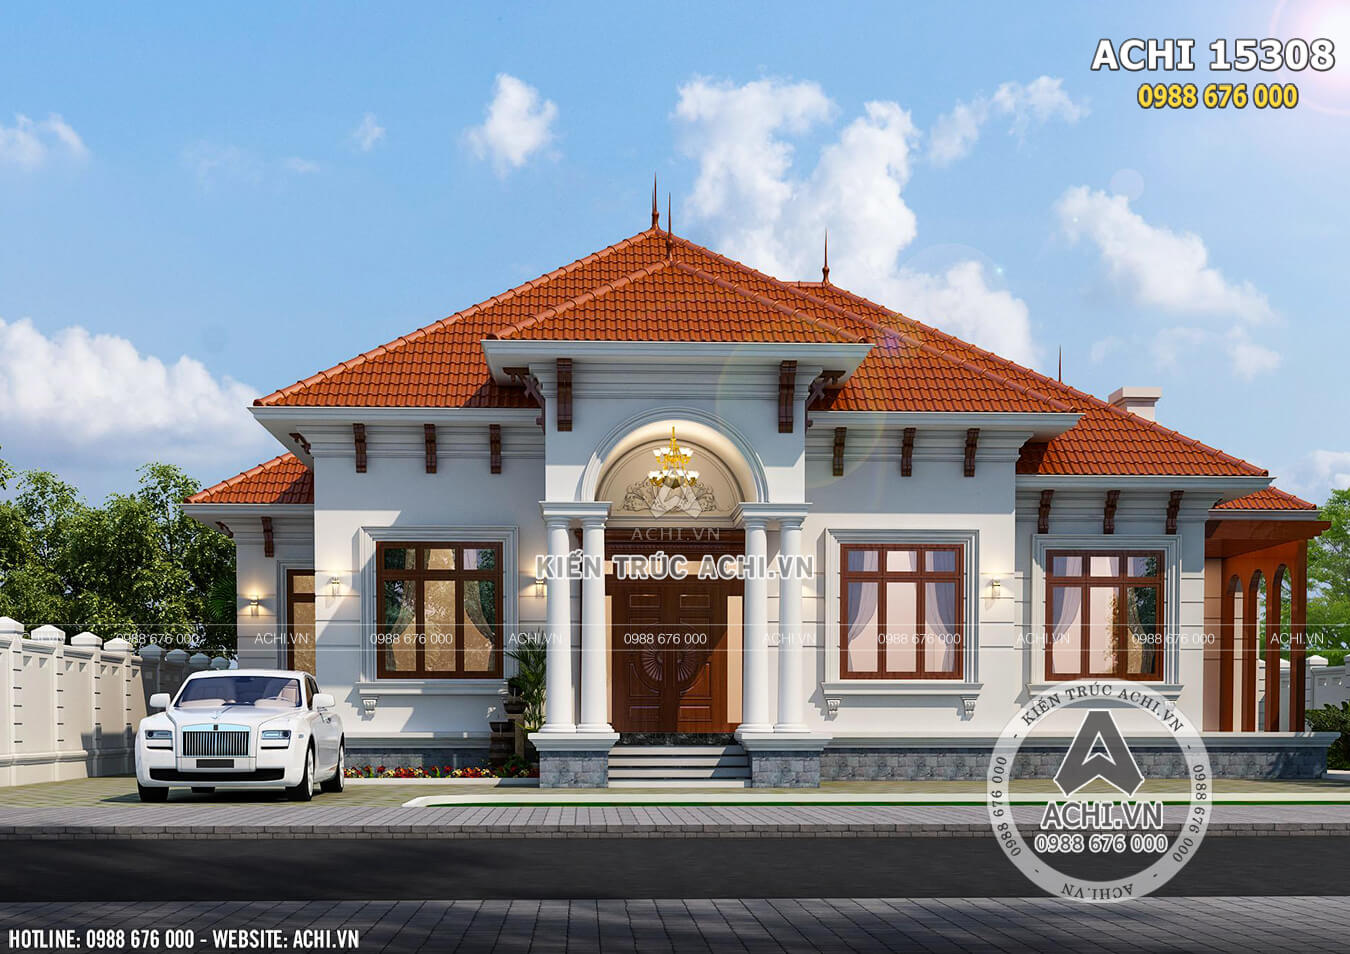 Không gian mẫu mặt tiền mẫu nhà biệt thự mái Thái cấp 4 đẹp 1 tầng - Mã số: ACHI 15308